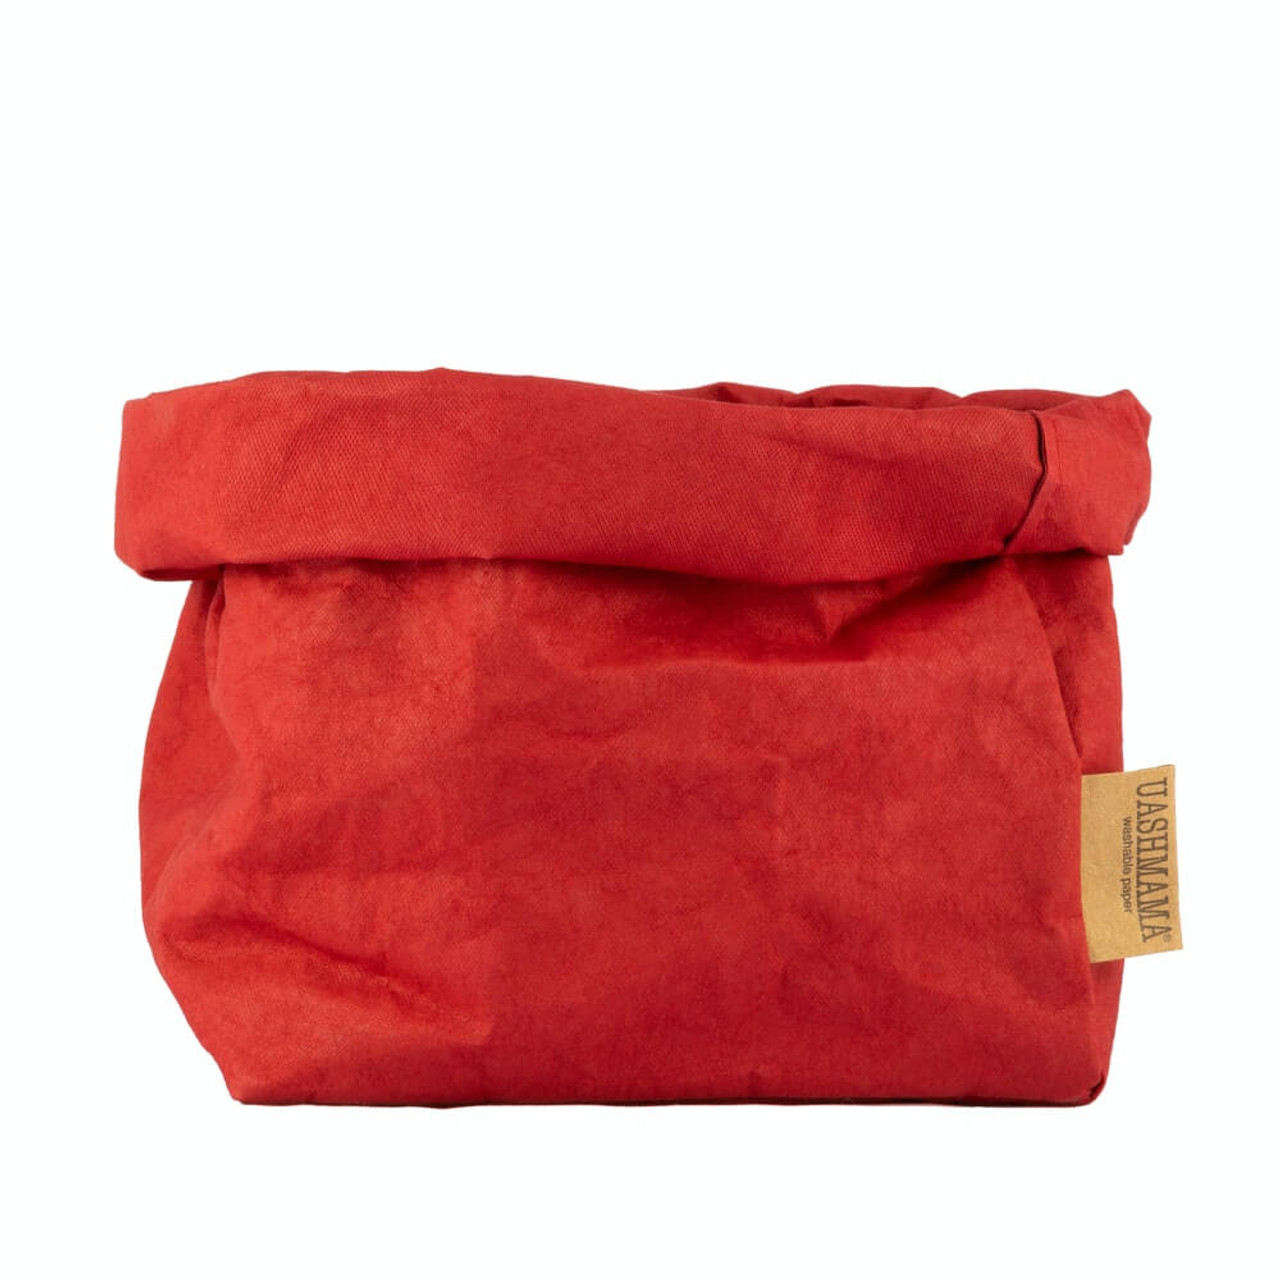 UASHMAMA large organic paper bags palio